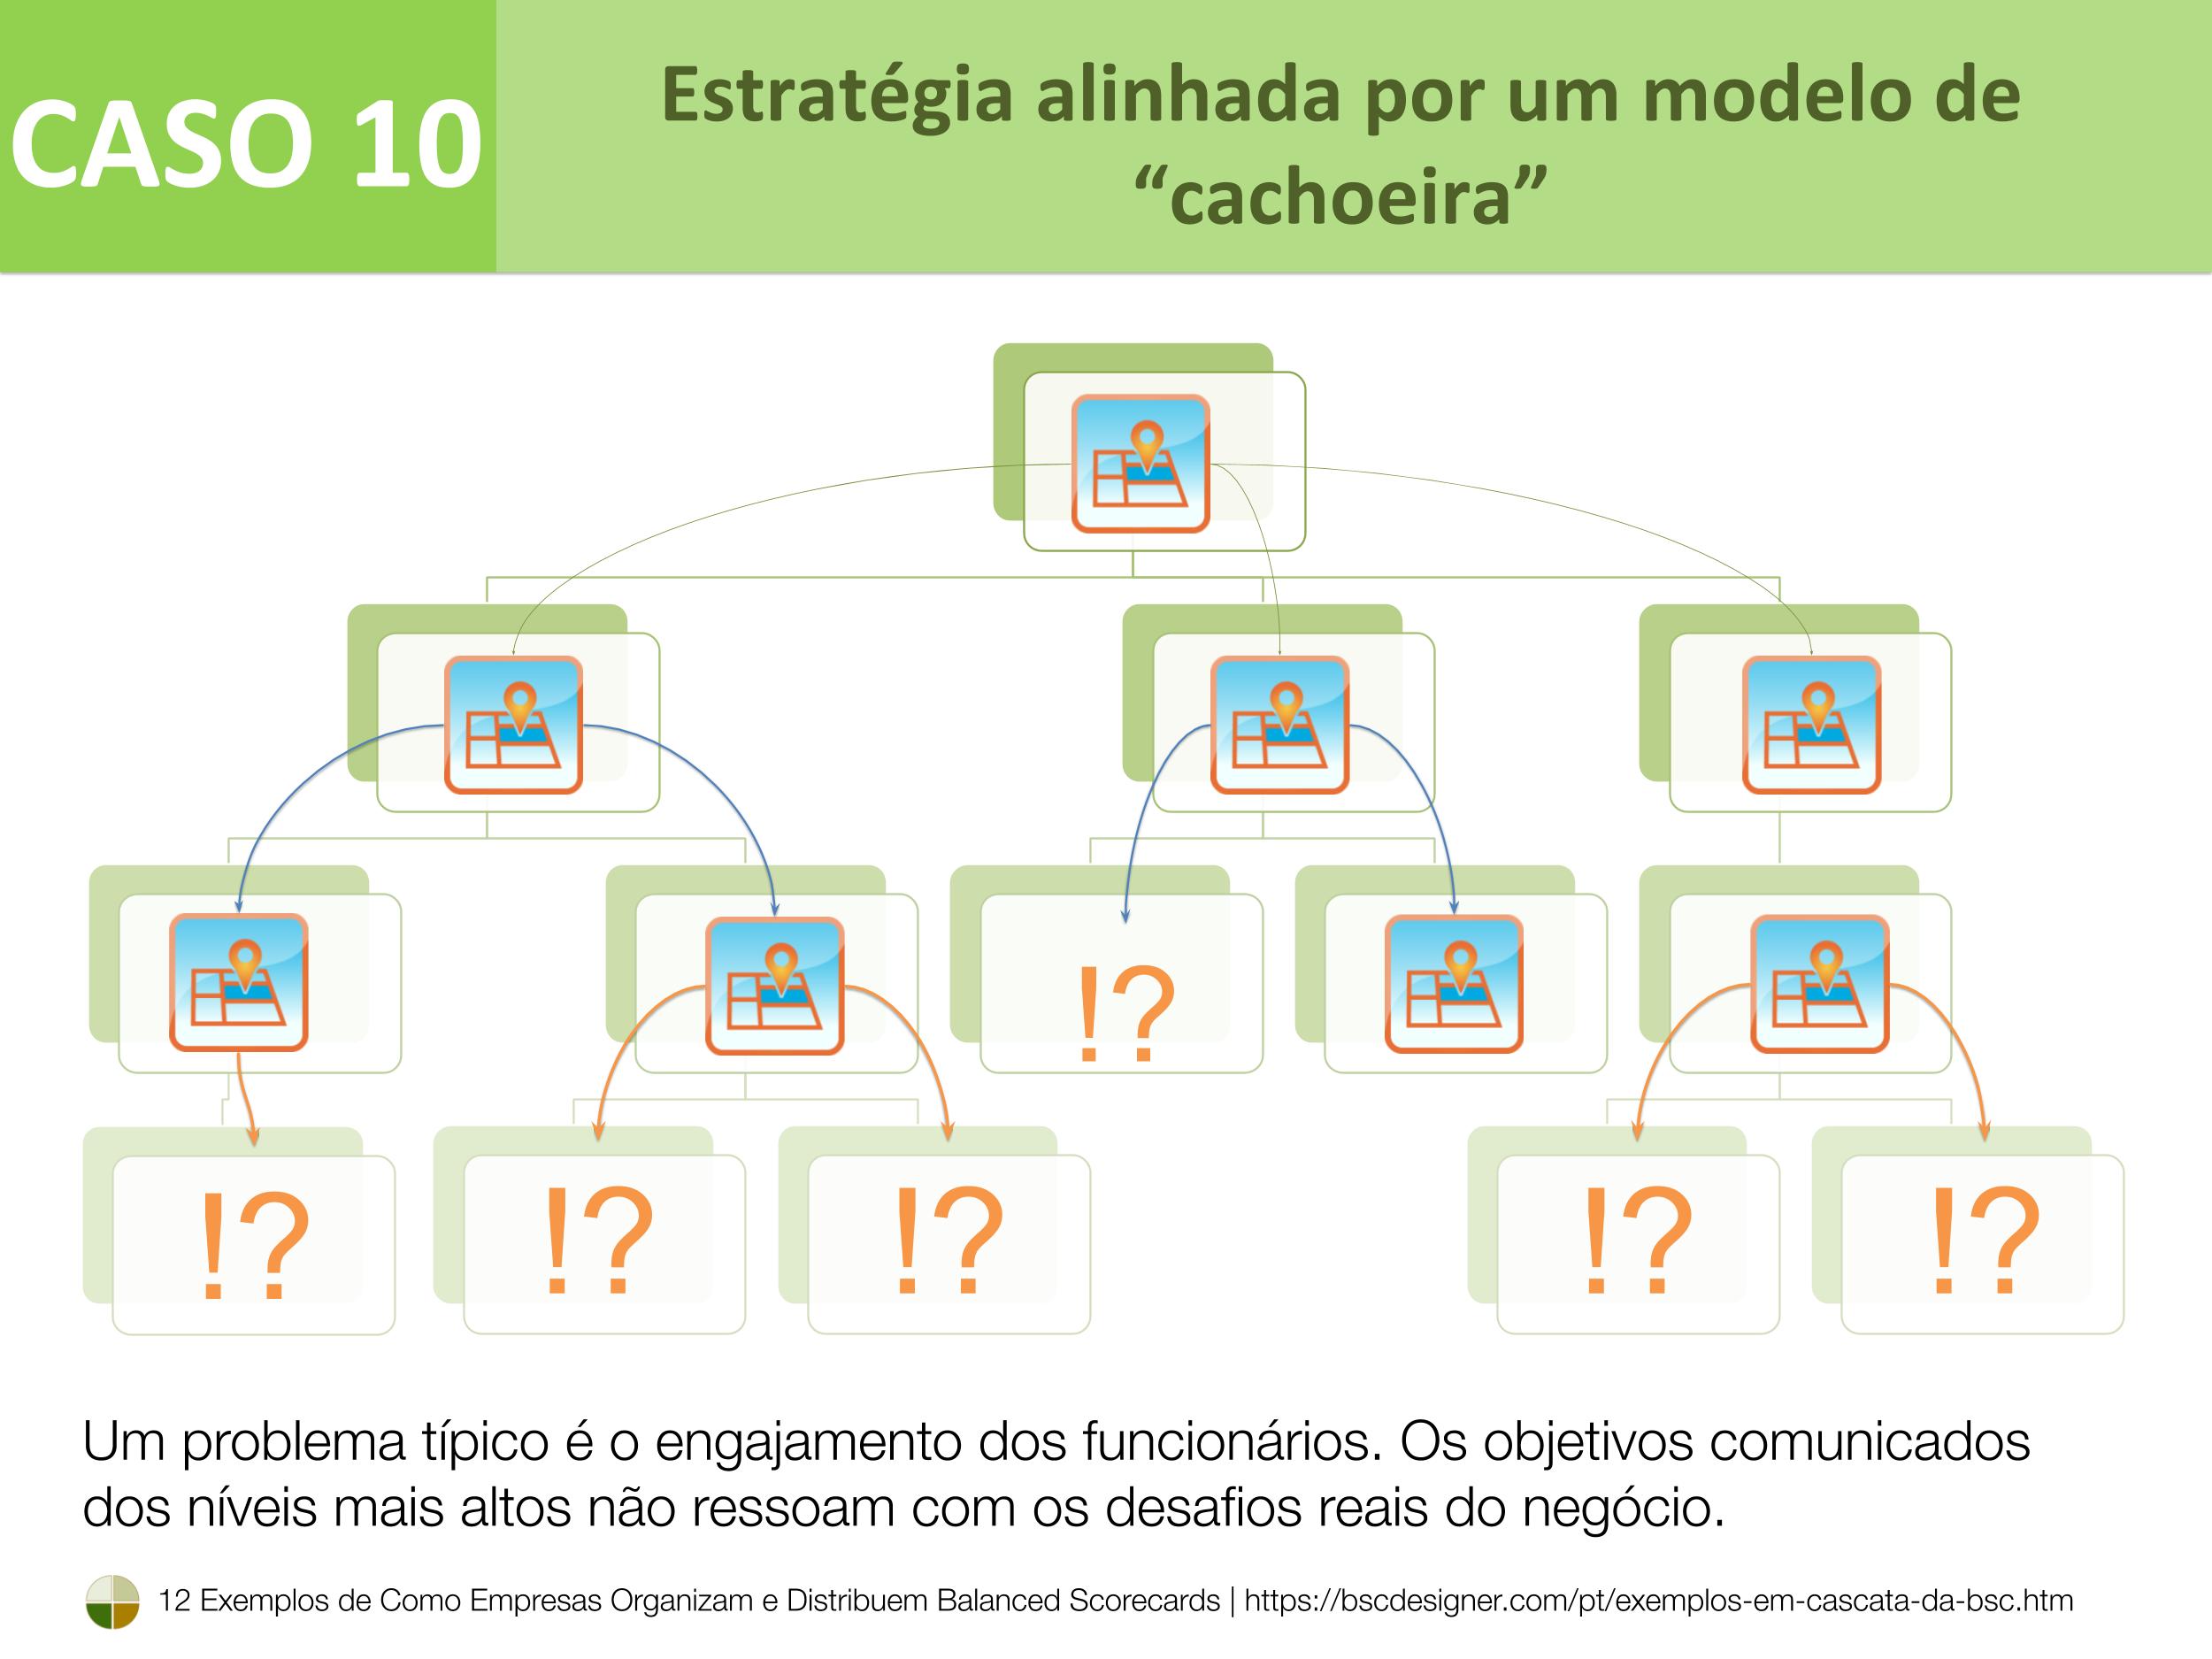 Caso 10 – Estratégia alinhada por meio do modelo de